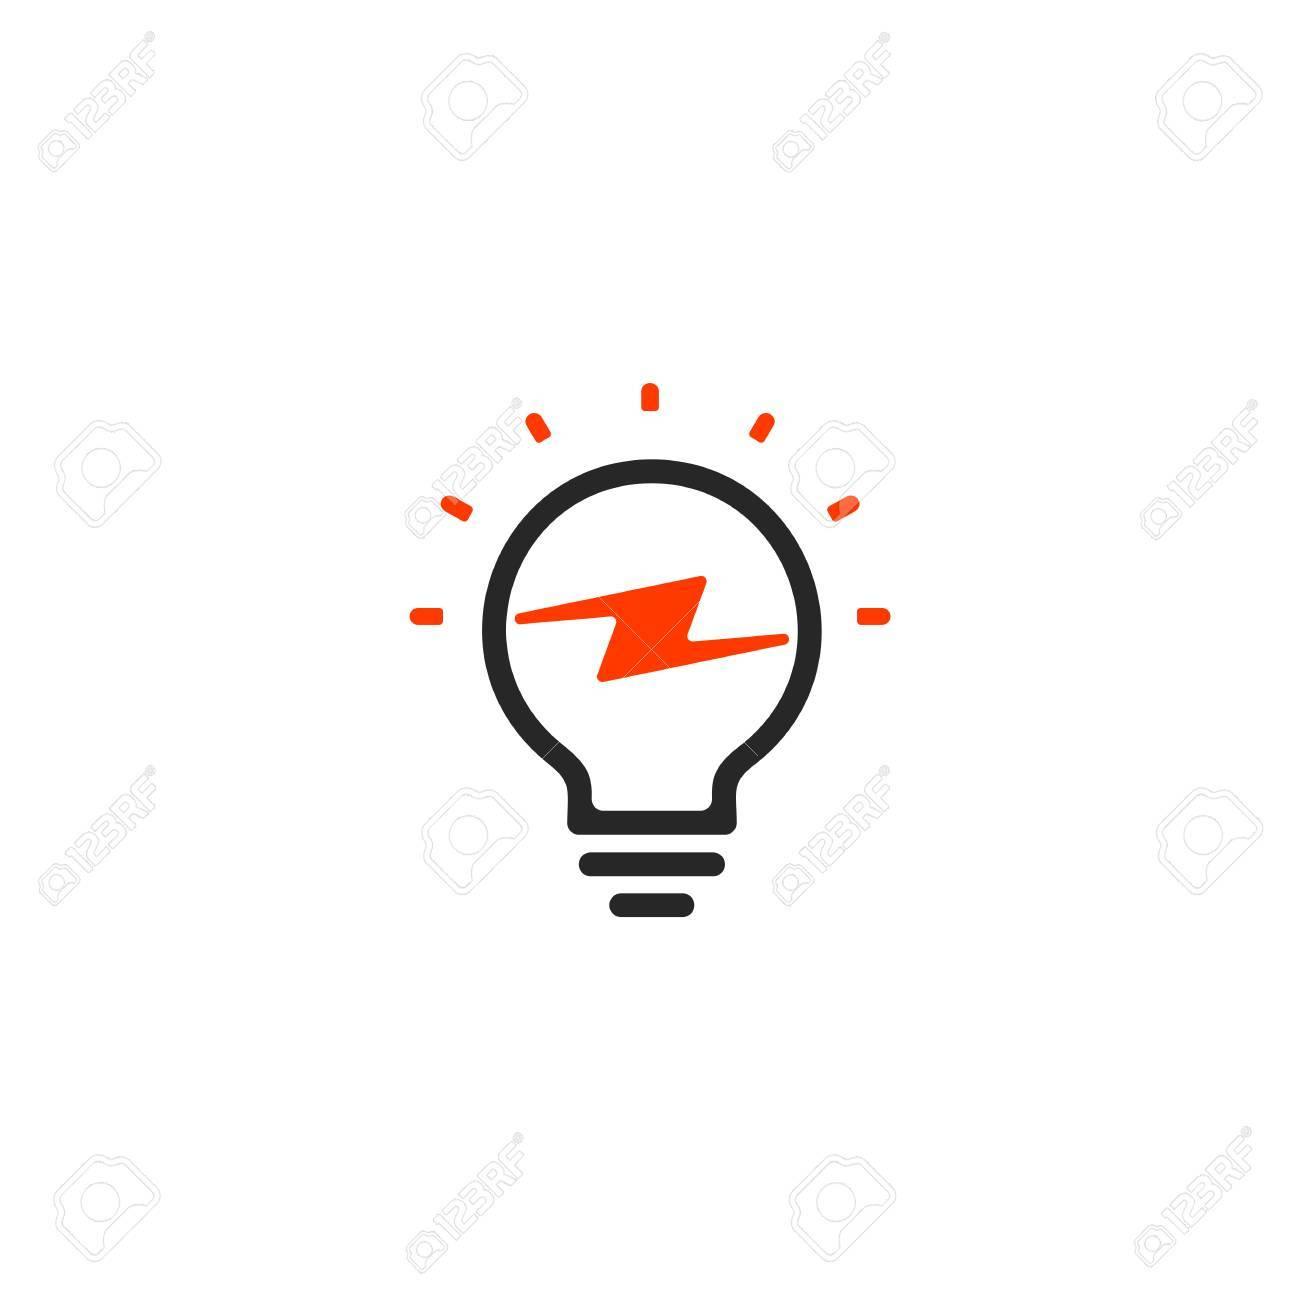 Beste Spannung Dc Symbol Fotos - Elektrische Schaltplan-Ideen ...